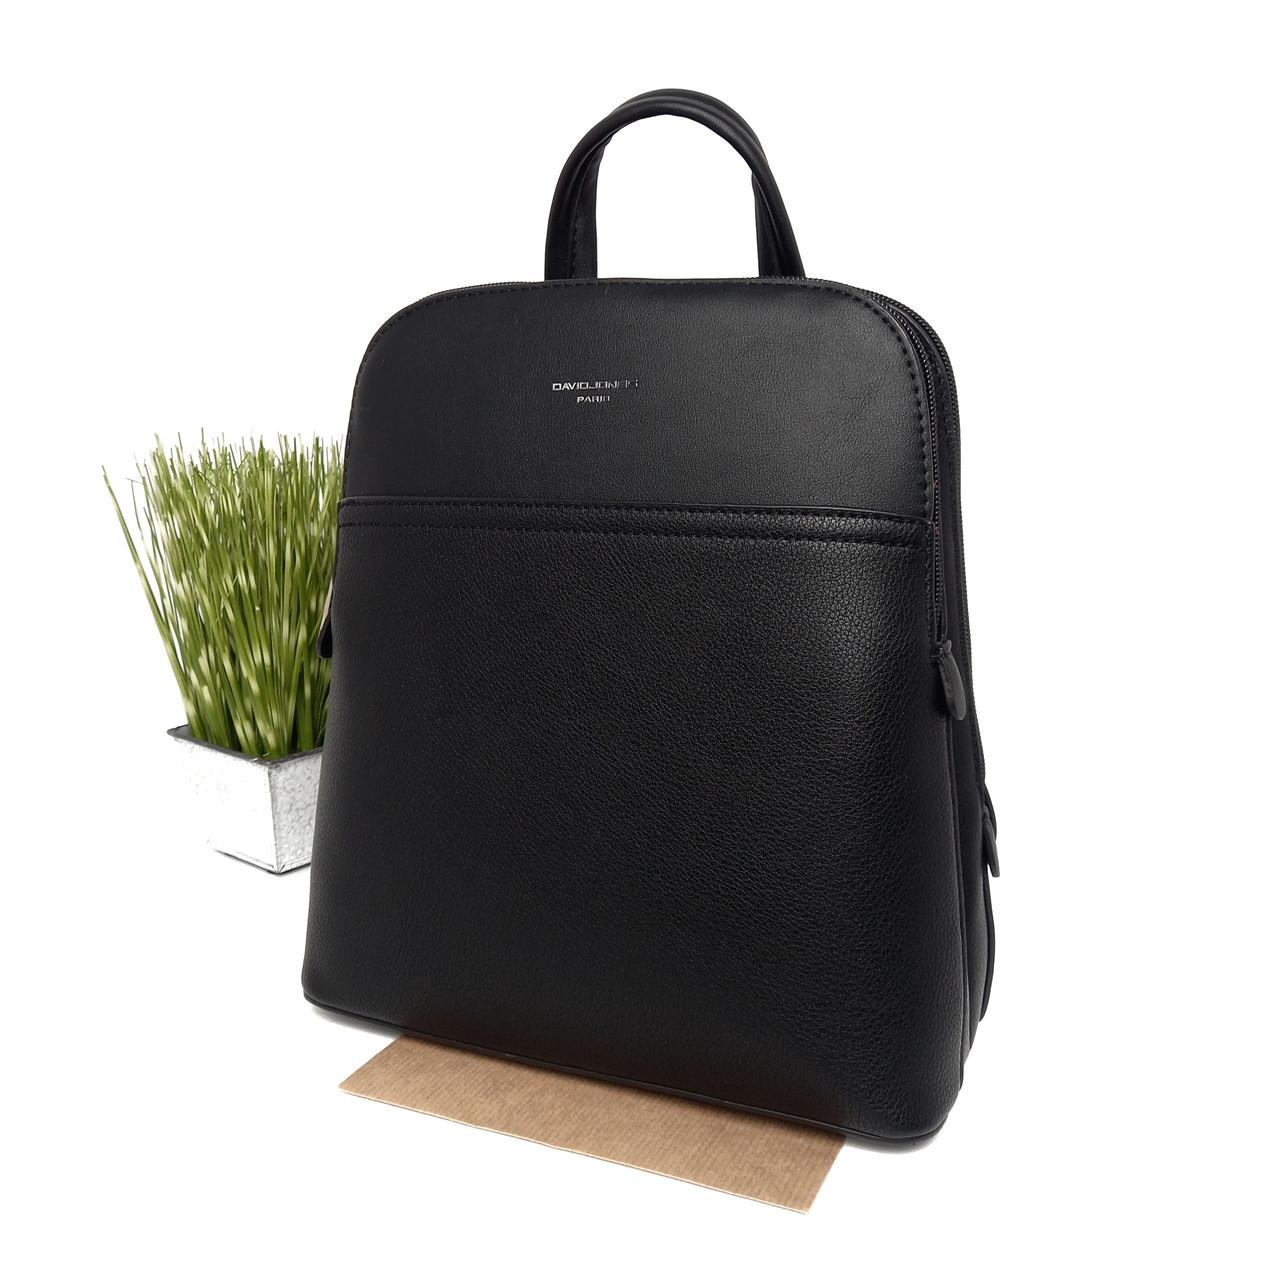 Жіночий рюкзак штучна шкіра чорний Арт.6221-2T black DavidJones Франція